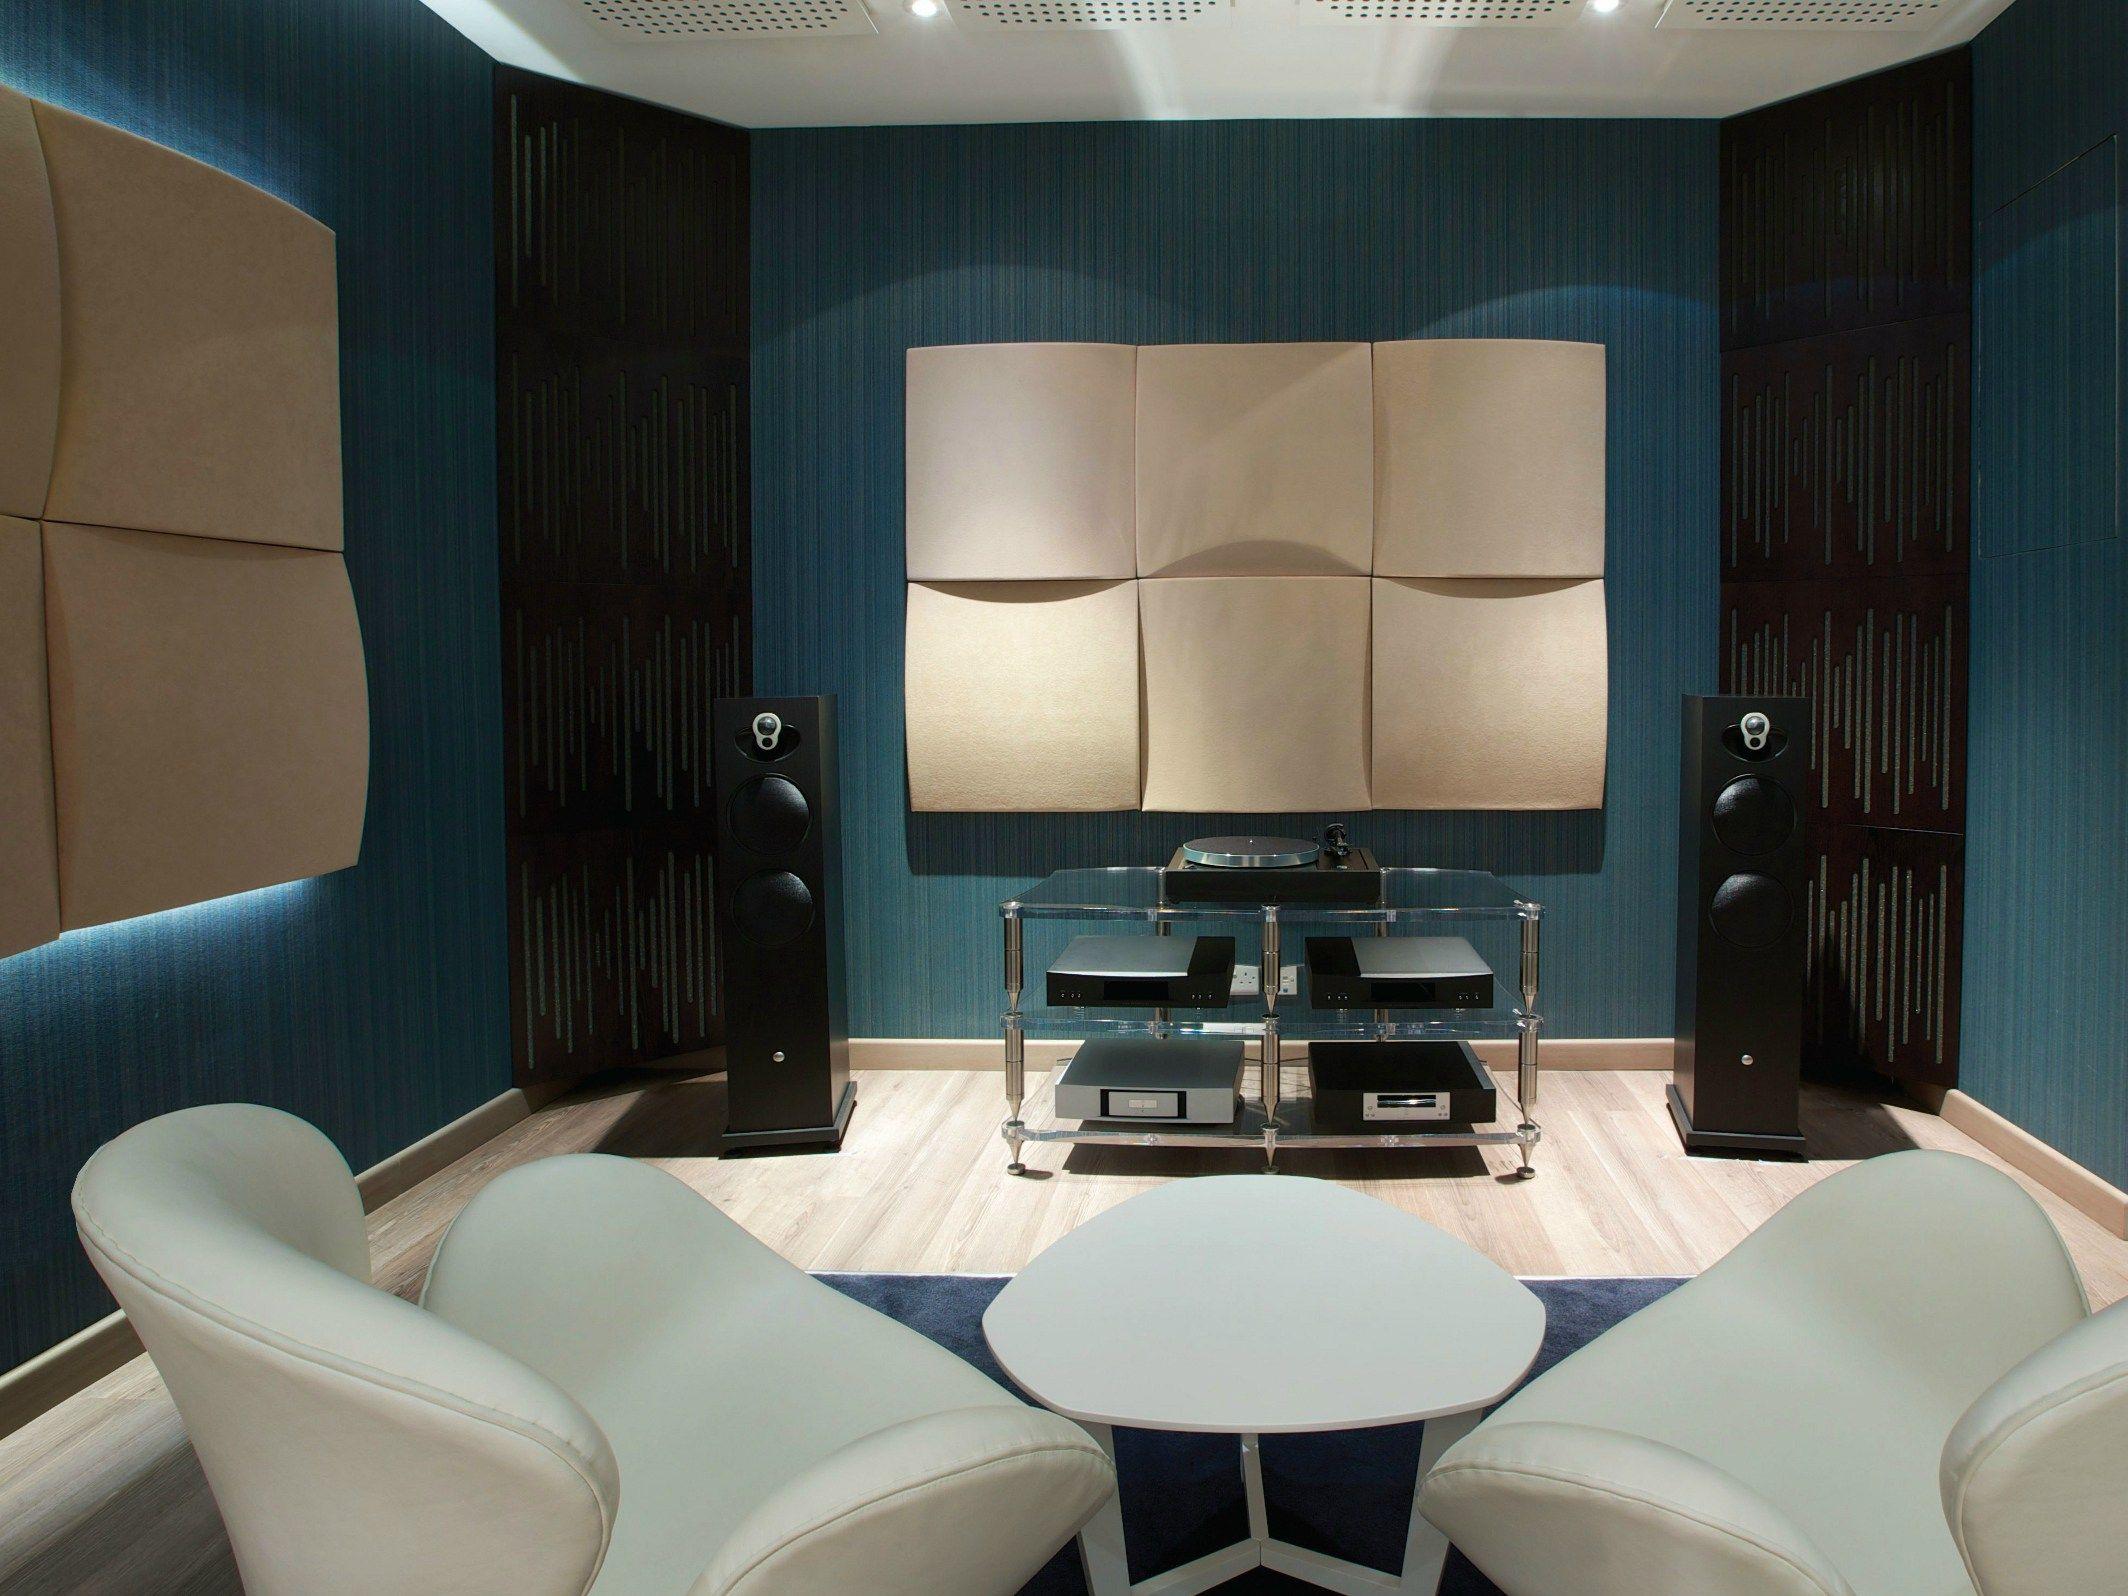 panneaux acoustiques d coratifs en mousse cinema round 120 7 premium by vicoustic by exhibo. Black Bedroom Furniture Sets. Home Design Ideas